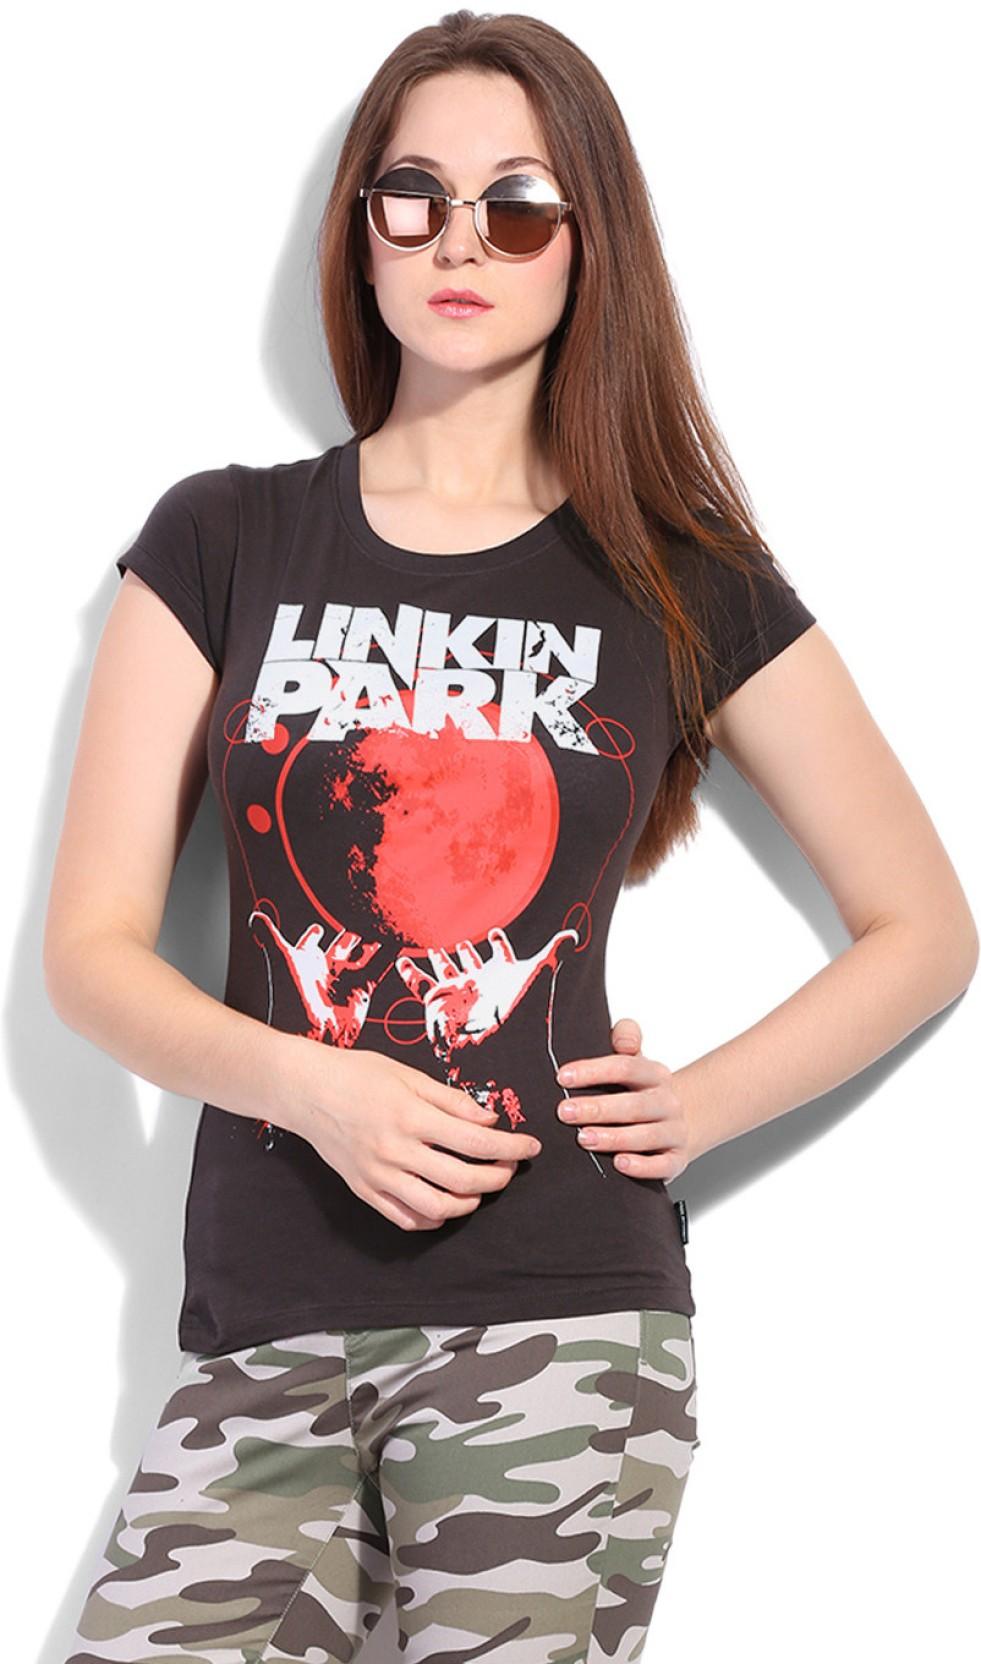 Image Result For Linkin Park T Shirts Flipkart